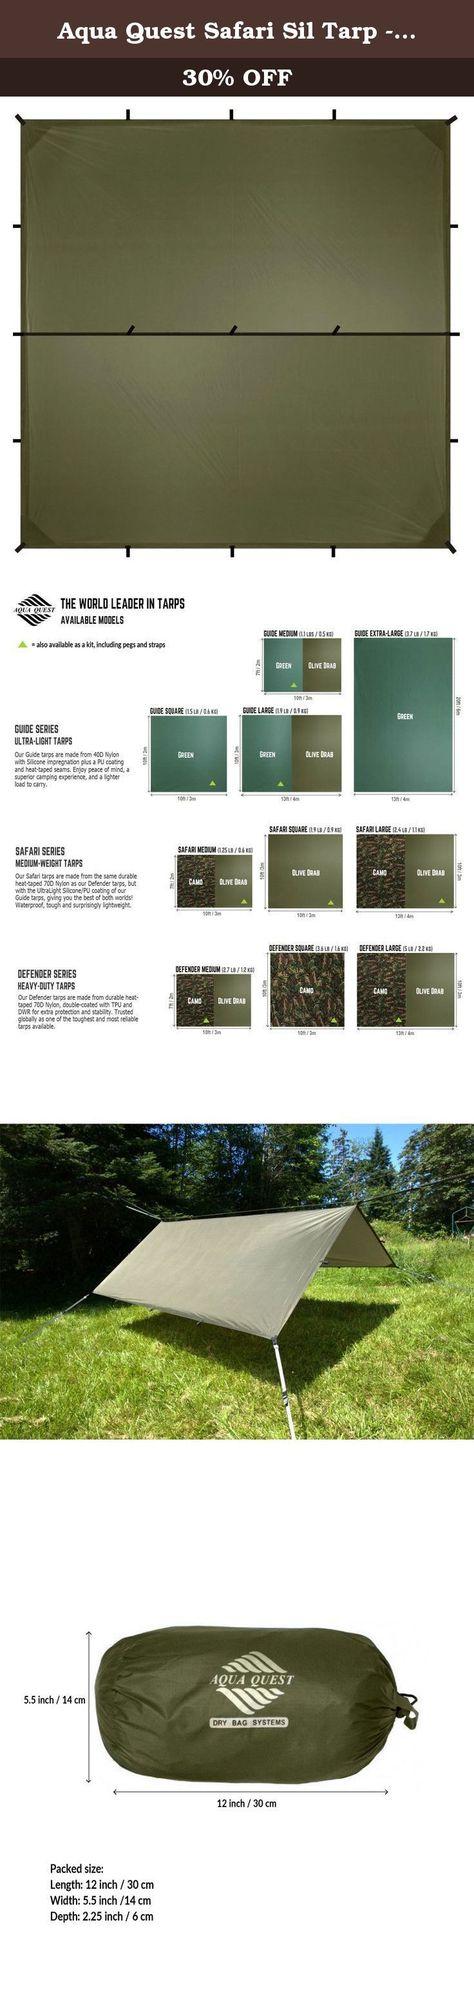 Chinook Guide Silicone Tarp